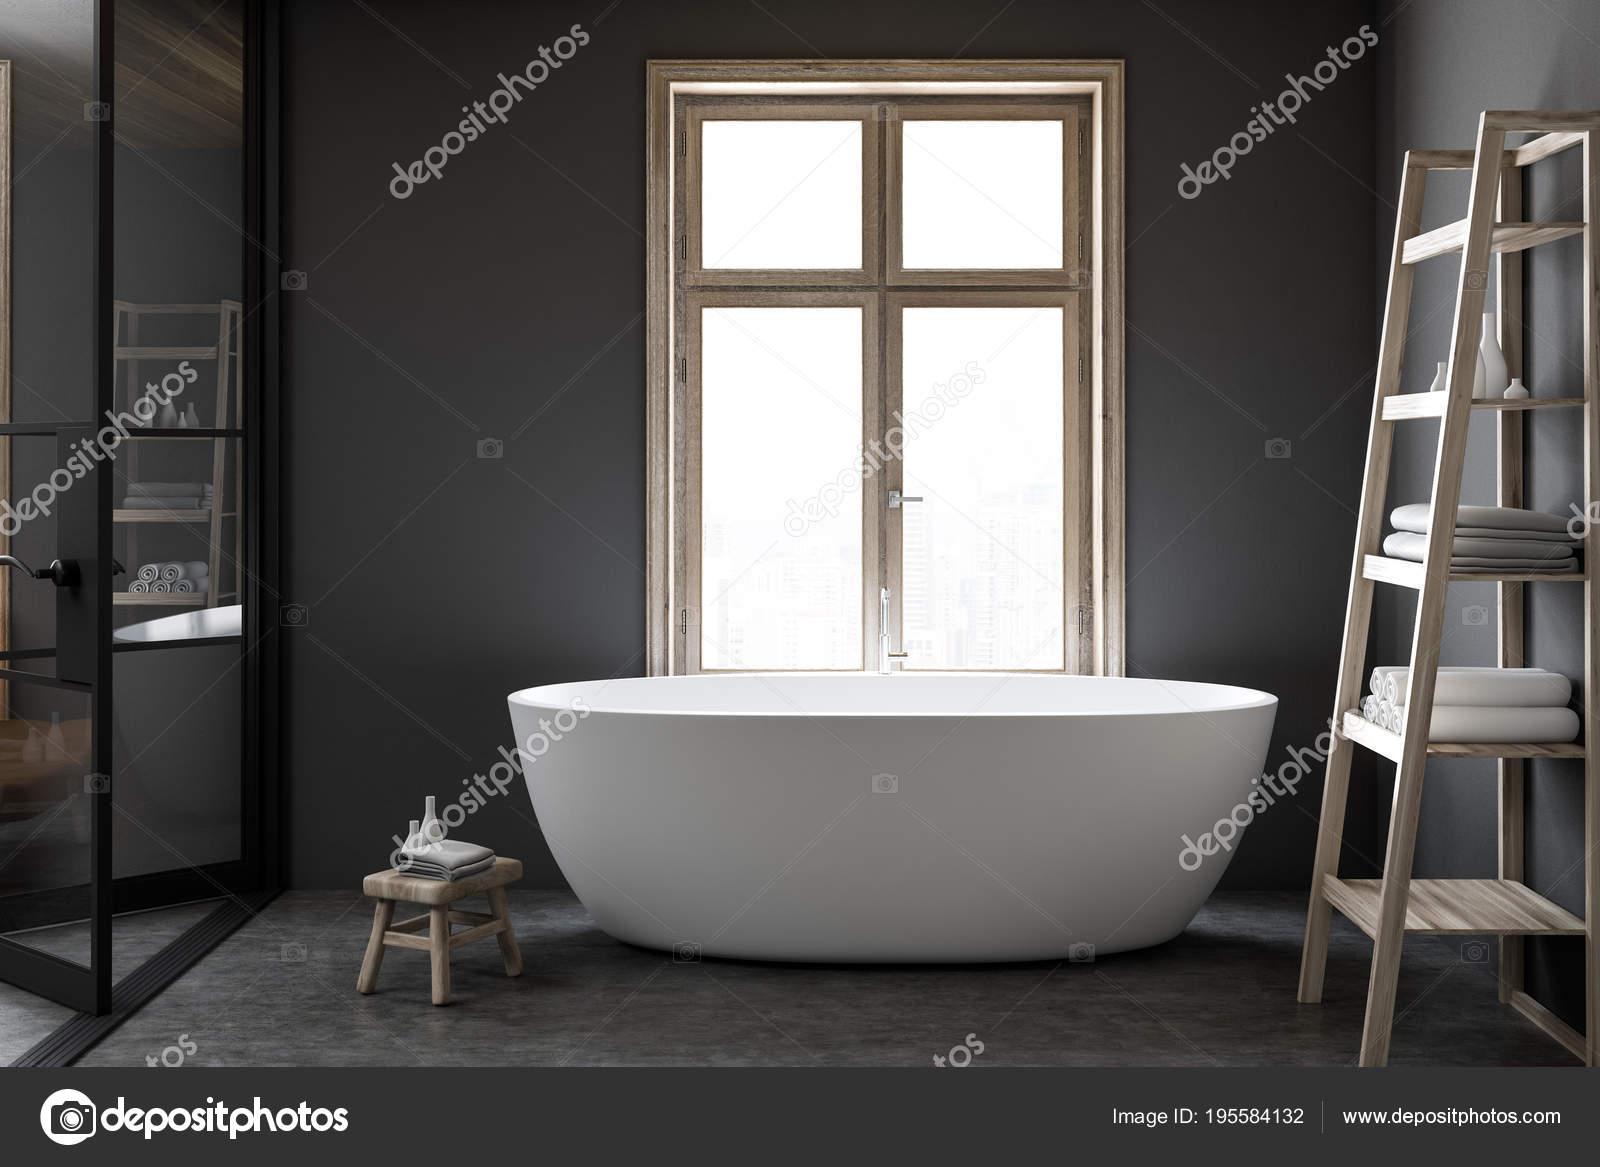 Luxe Donkere Badkamer : Witte bad in een donkere badkamer van luxe u2014 stockfoto